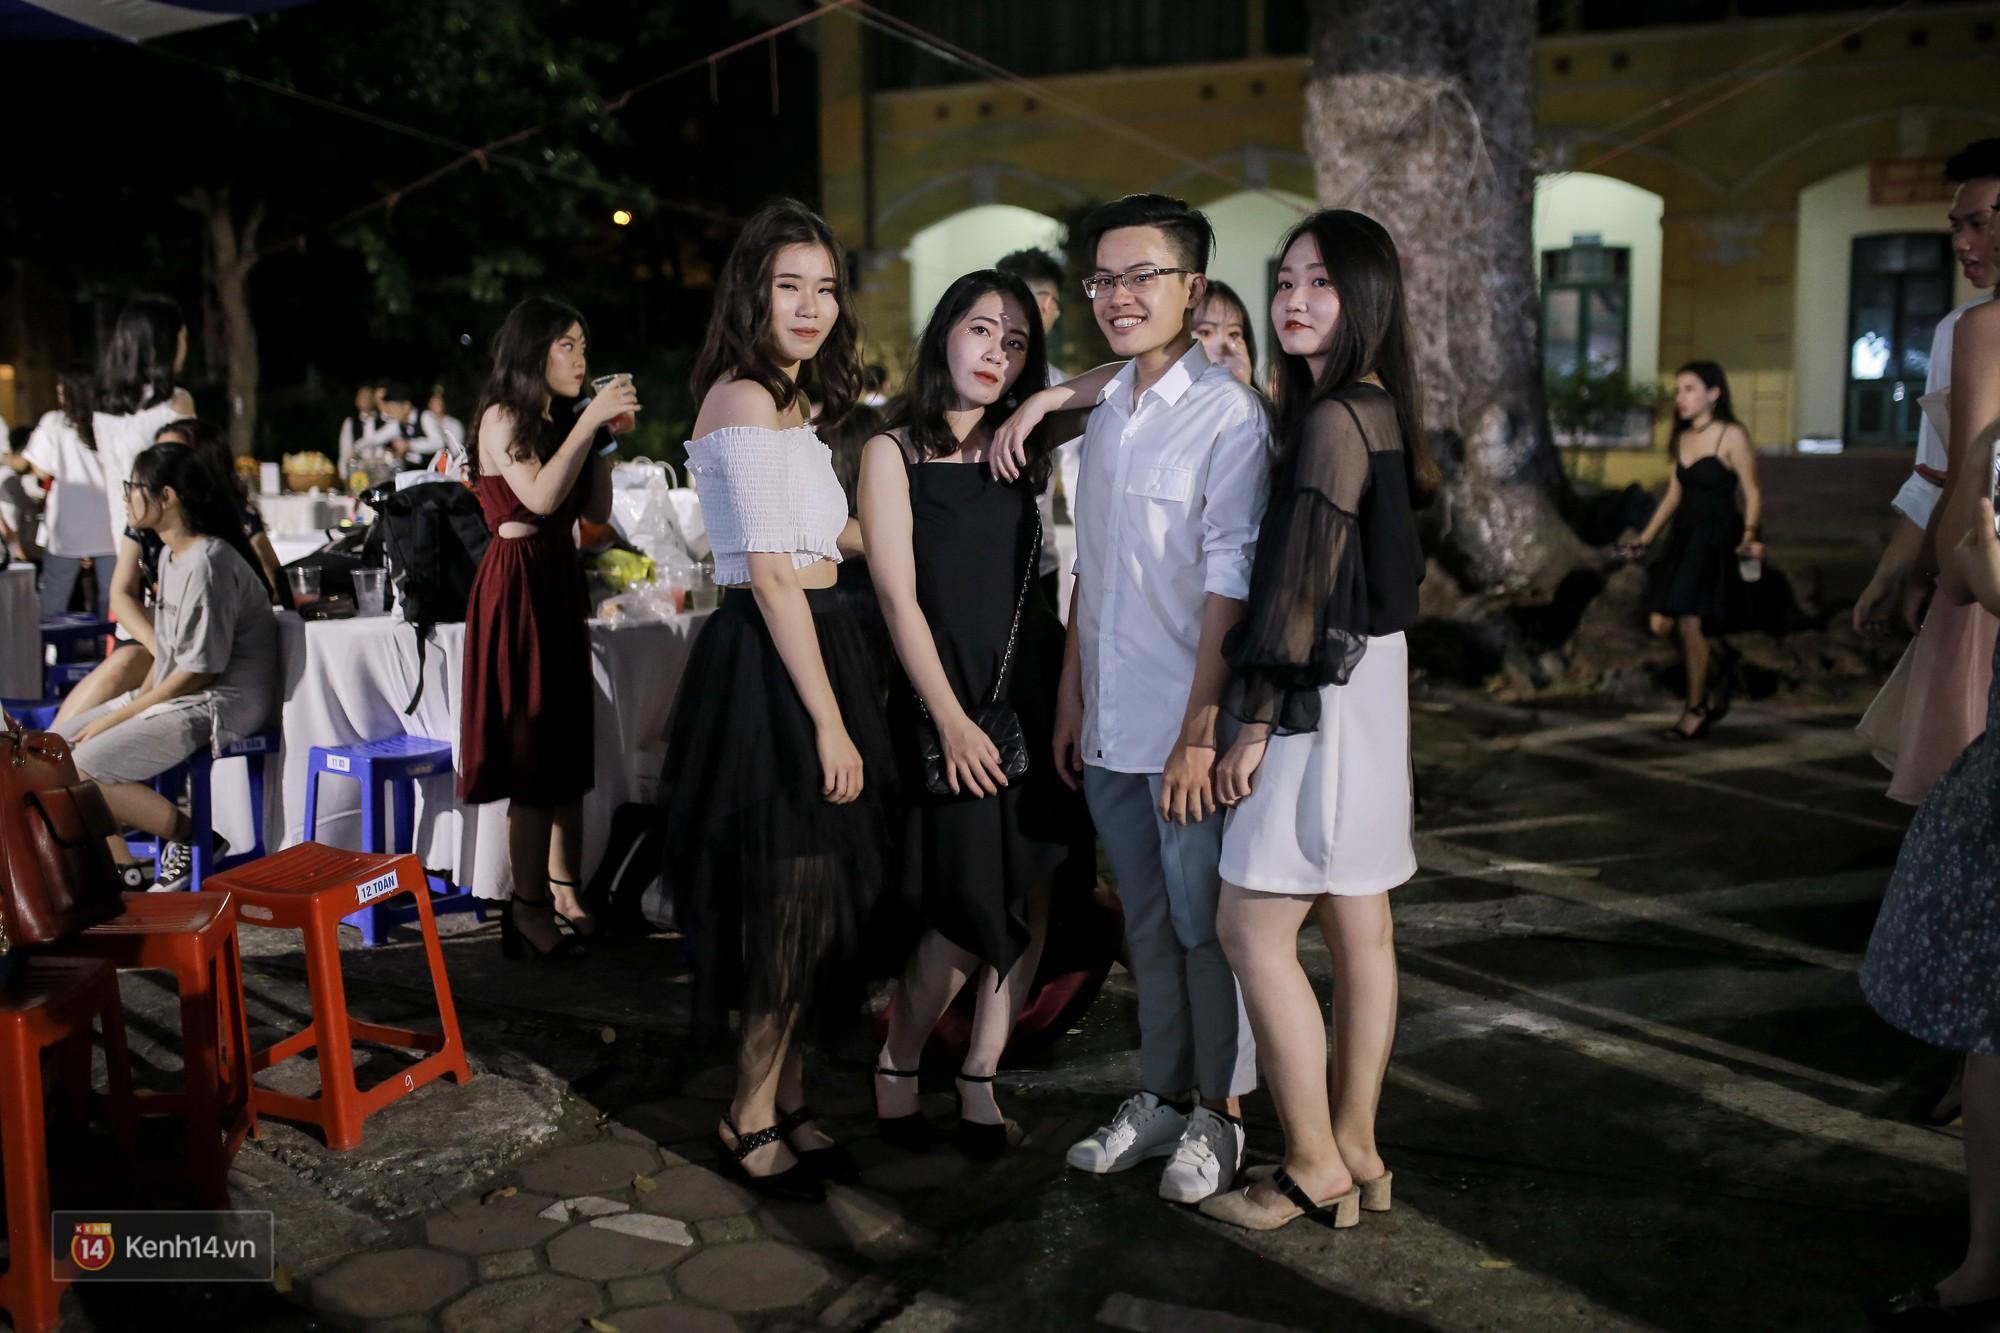 Nữ sinh Chu Văn An xinh ngẩn ngơ trong đêm tri ân/ trưởng thành - Ảnh 12.